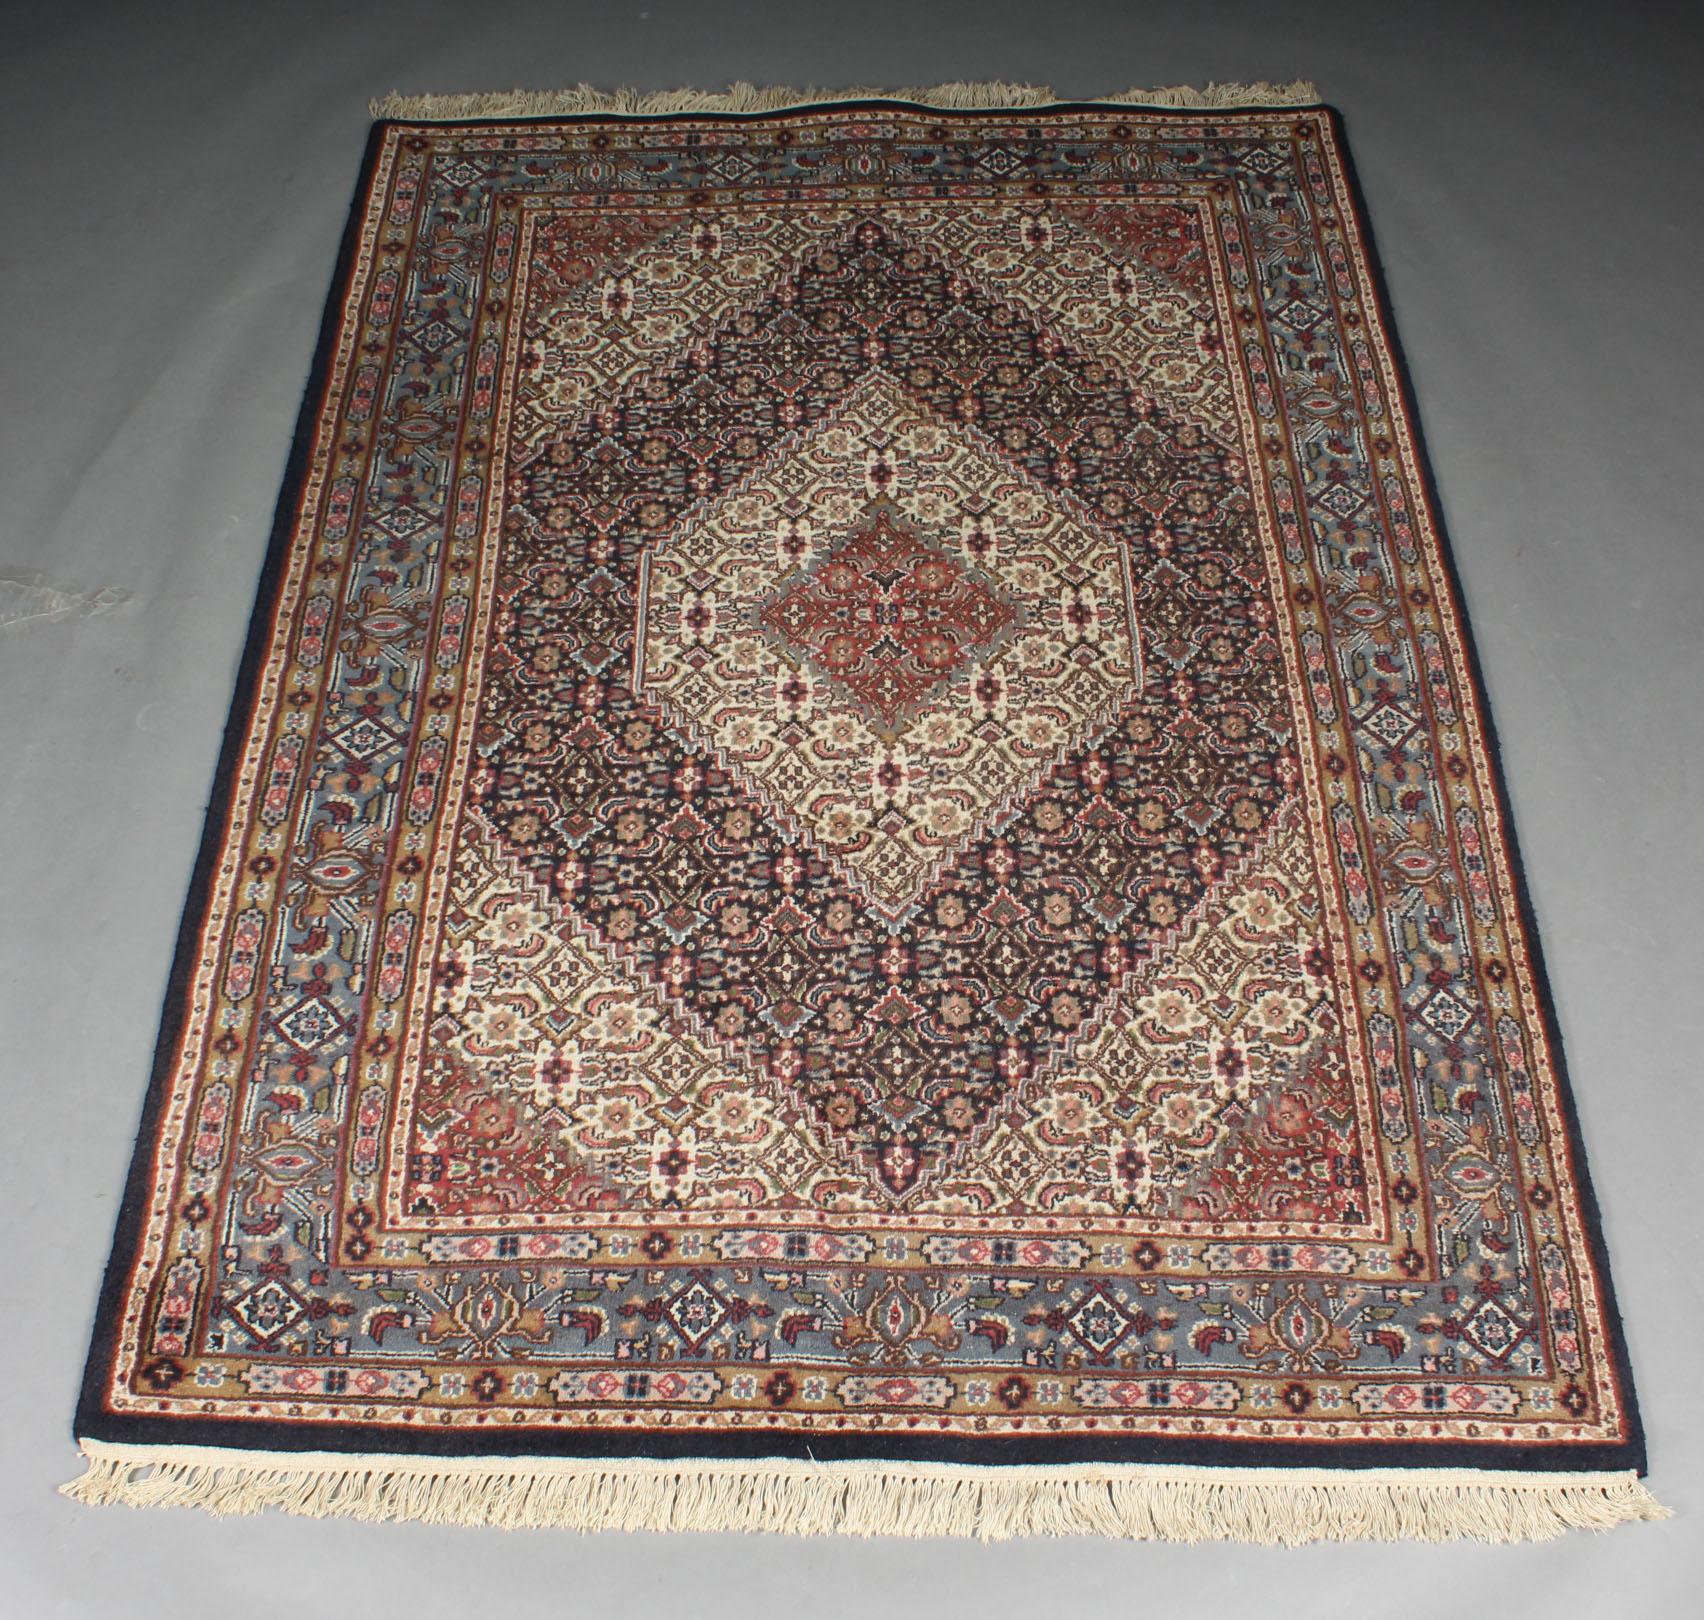 Indo Bidjar tæppe, 162 x 245 cm - Indo Bidjar tæppe, 162 x 245 cm. Håndknyttet tæppe af 100% uld på grundvæv af bomuld. Fremstår med brugsspor